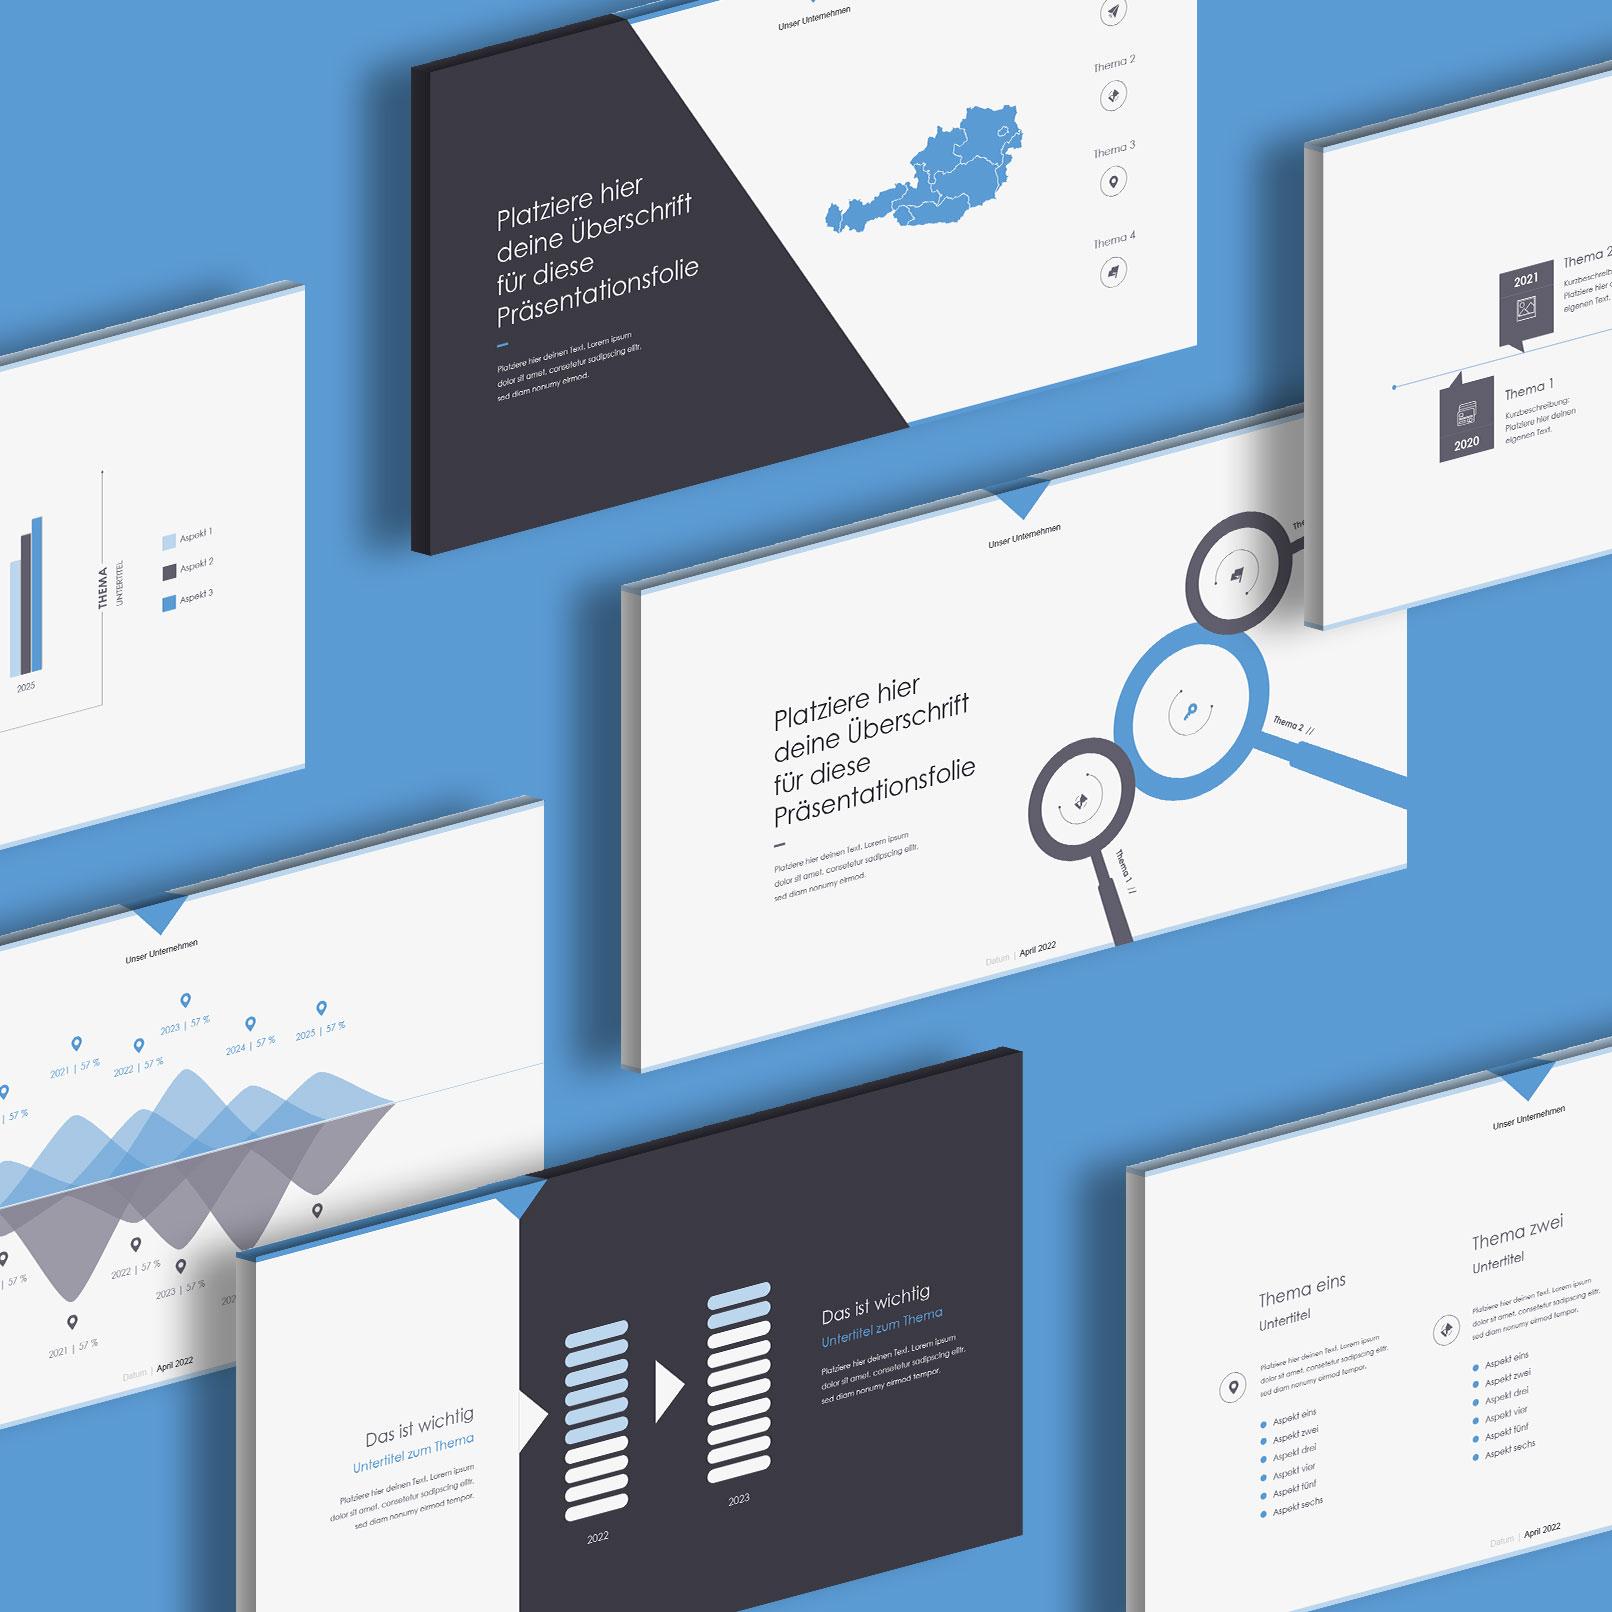 PowerPoint Folien-Vorlagen Angle, Vorschau auf verschiedene Layouts